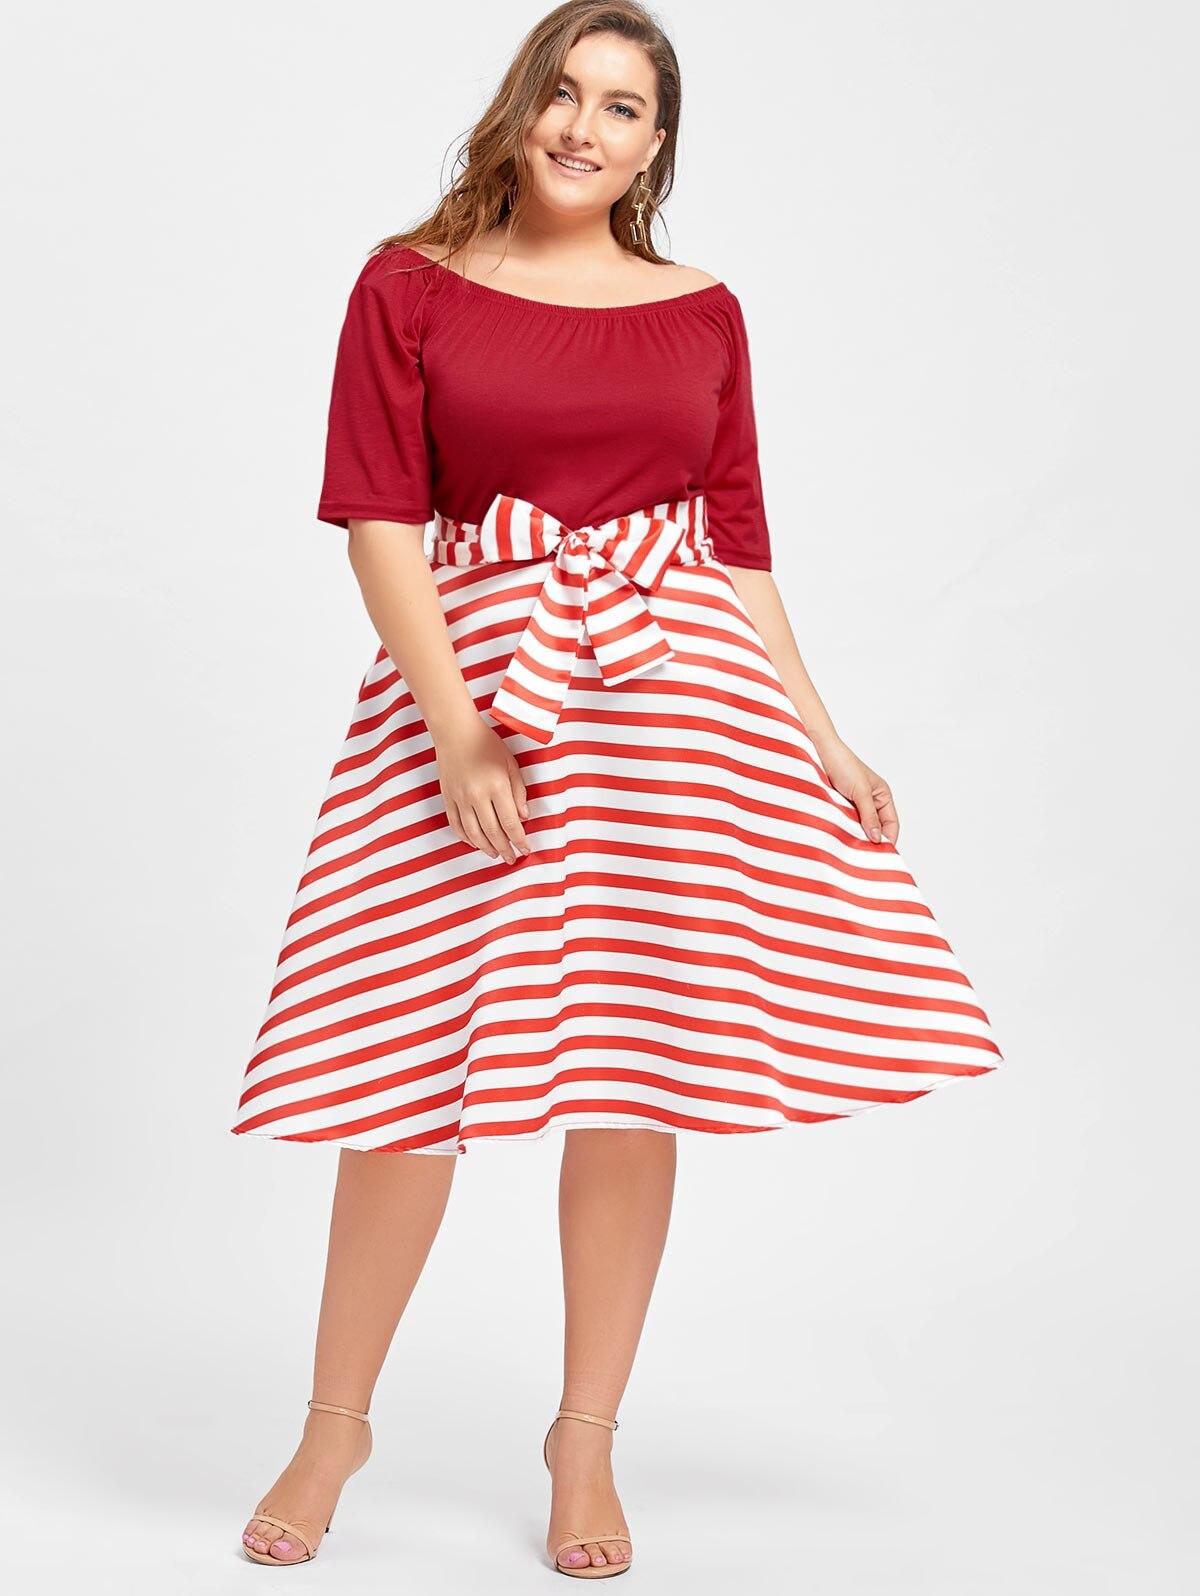 Wipalo Women Vintage Dresses Plus Size XL 5XL Stripe Party ...